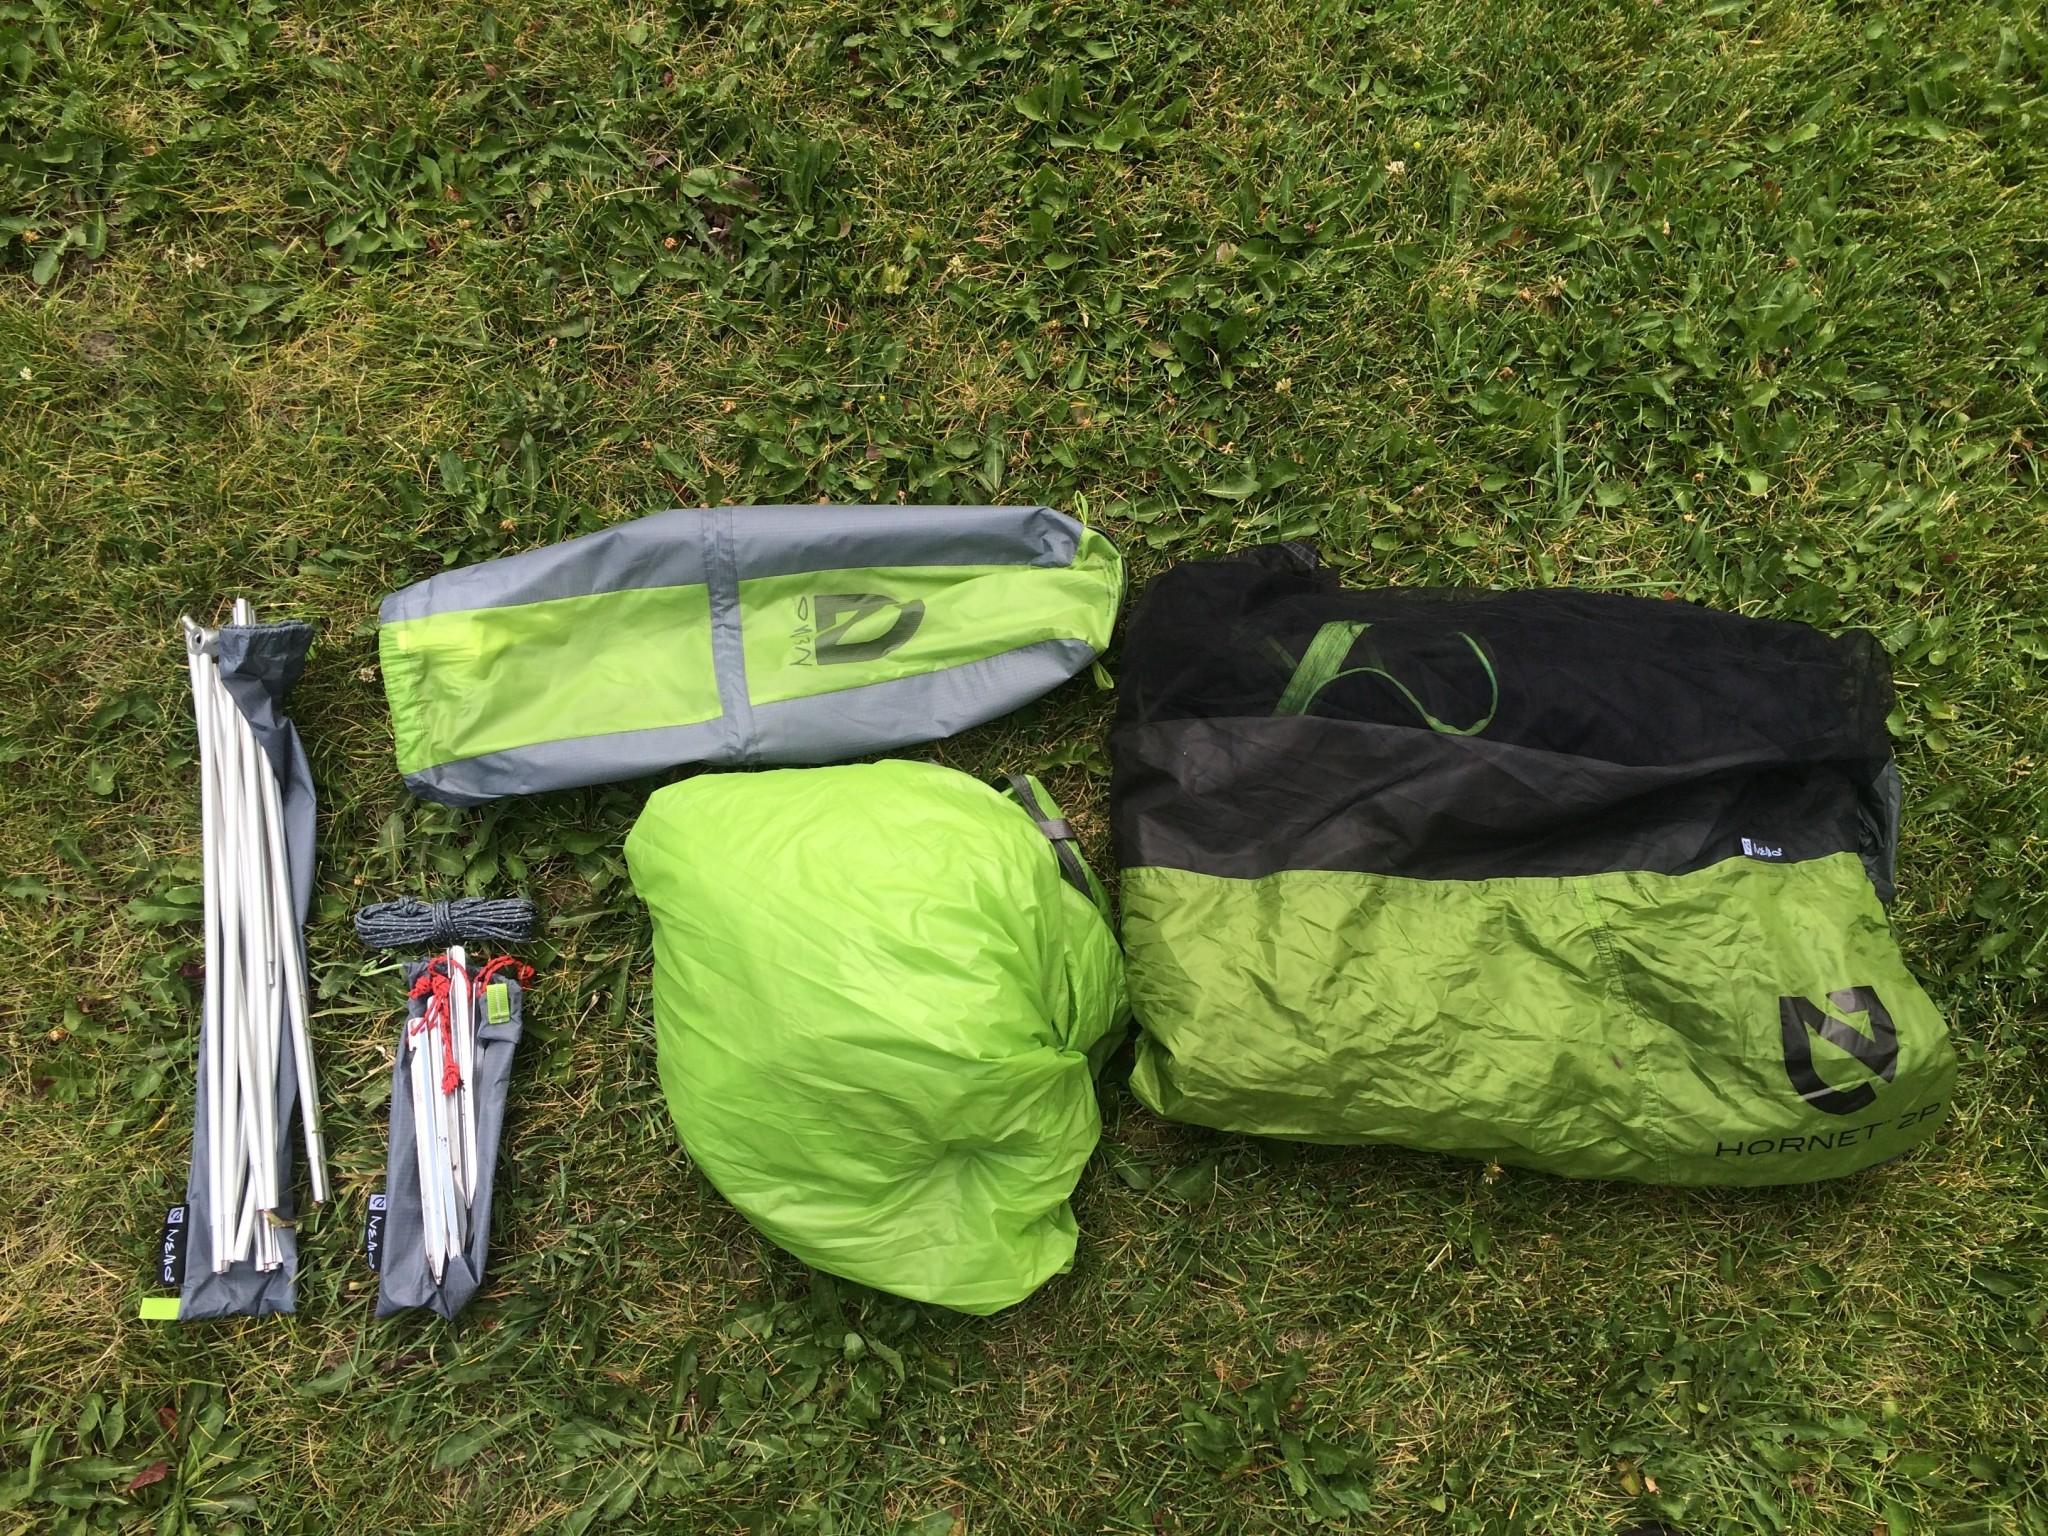 Комплектация ультралегкой палатки для походов Nemo Hornet